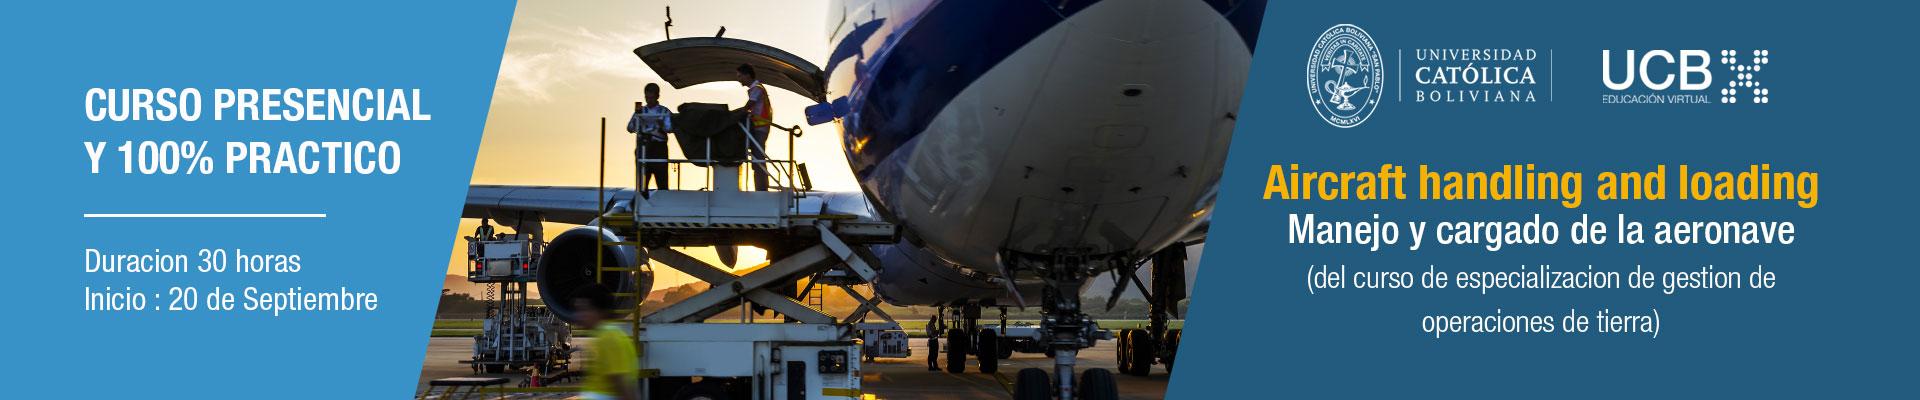 Aircraft-handling-loading